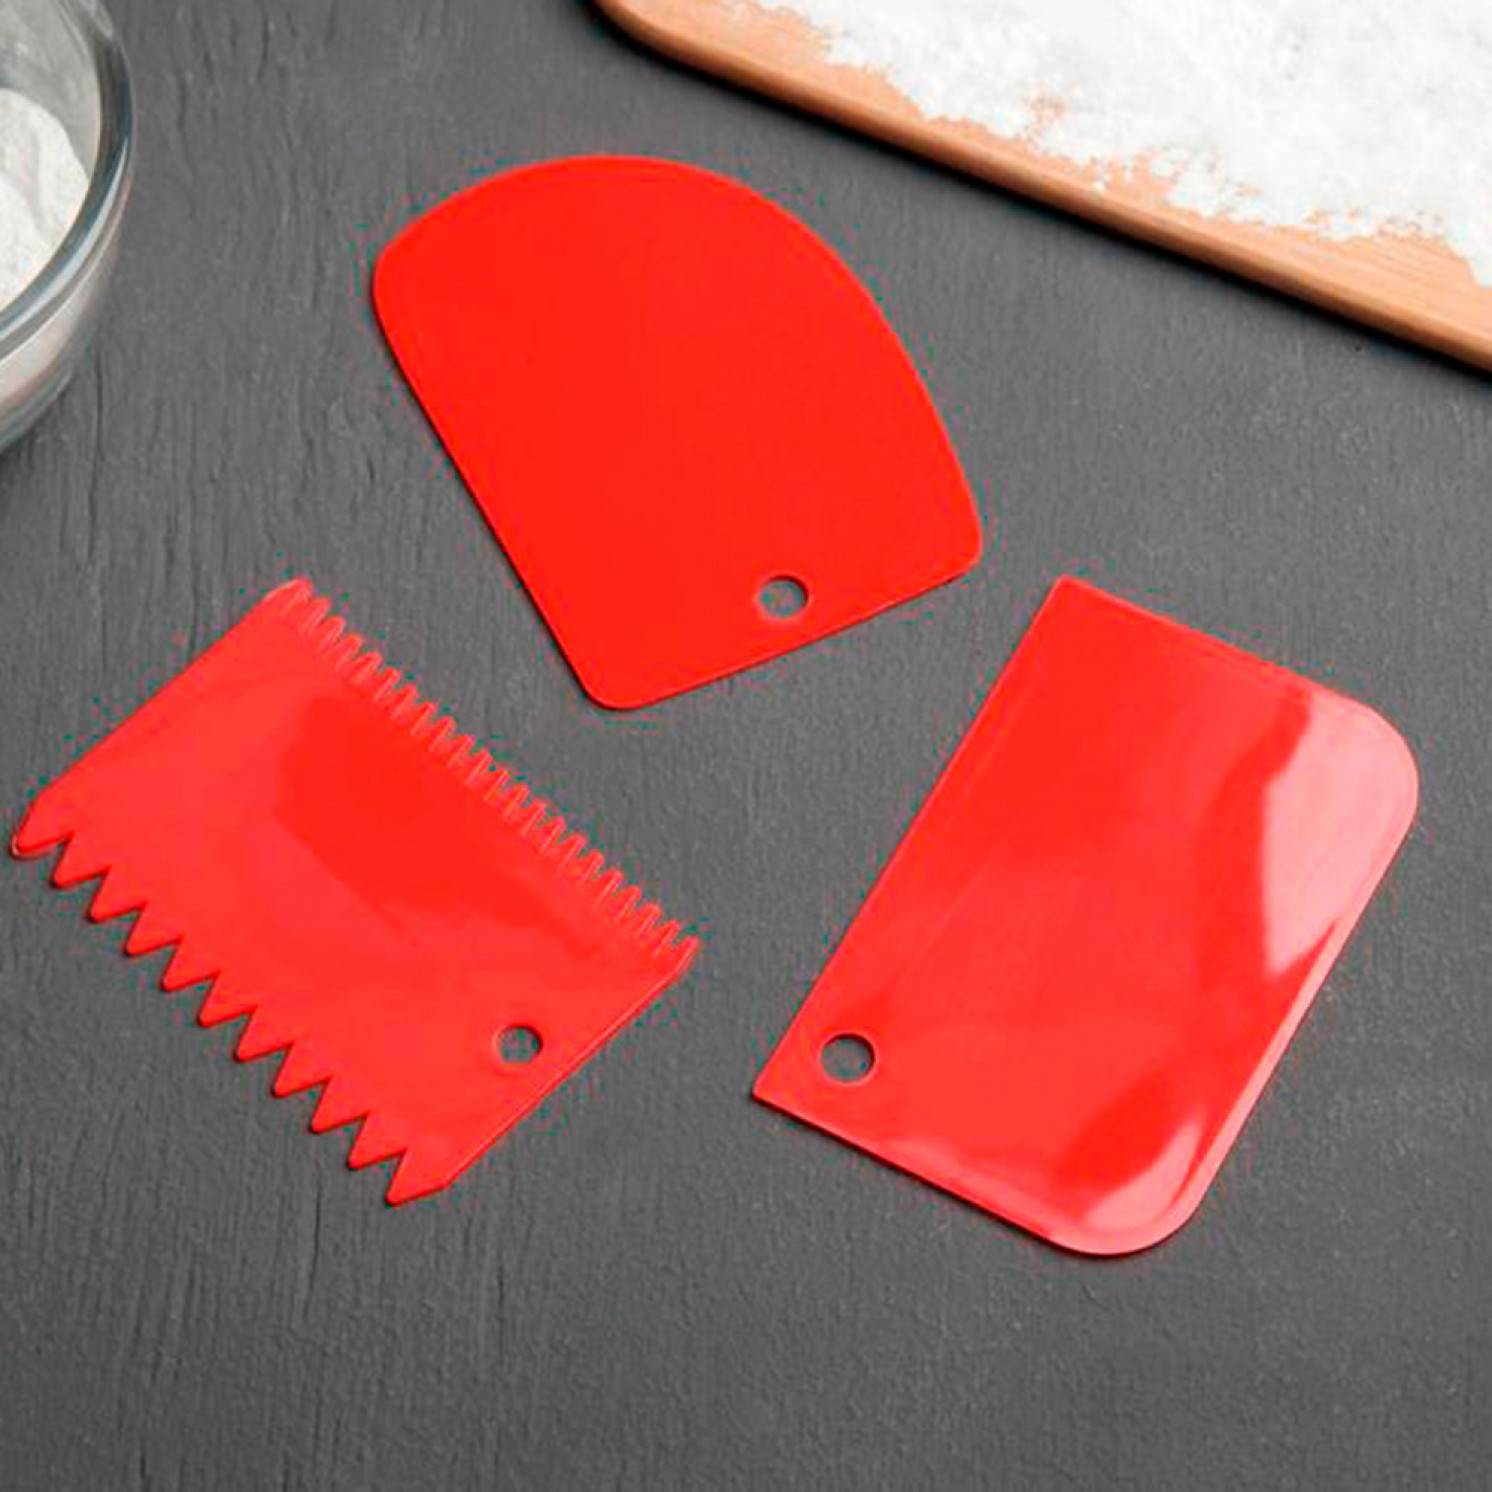 Набор шпателей кондитерских 12x8 см, 3 предмета, цвет МИКС